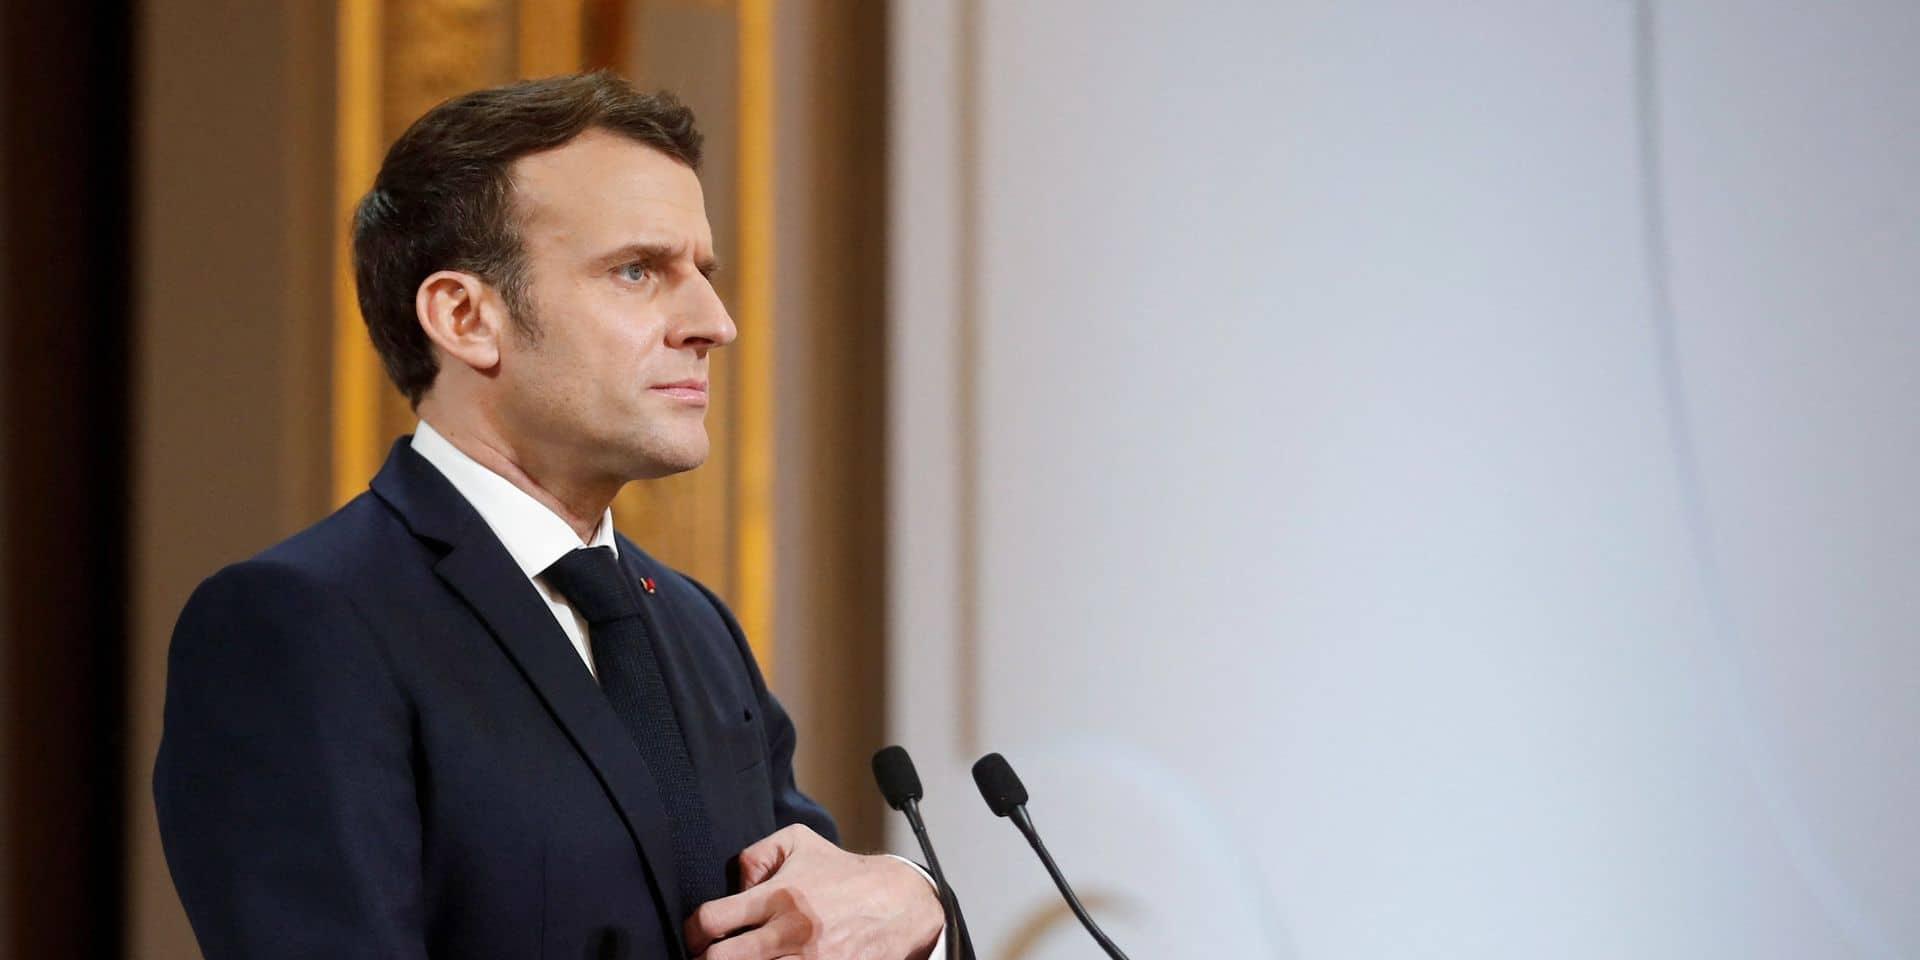 Assouplissement des mesures ou serrage de vis en France ? Macron se donne 8 à 10 jours pour décicer